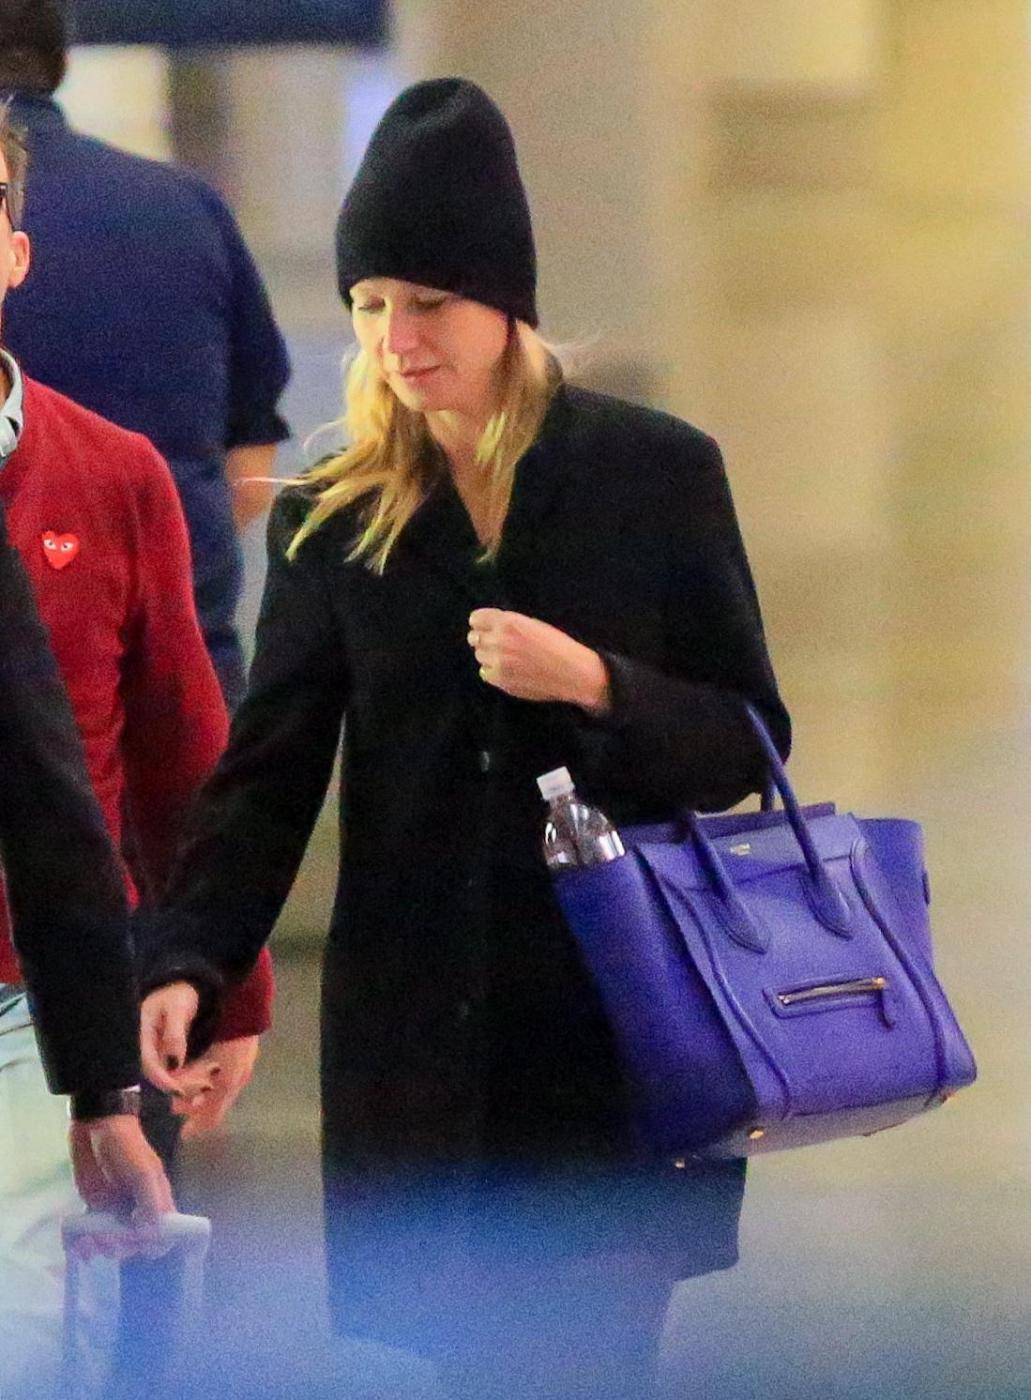 Gwyneth Paltrow senza trucco all'aereoporto14